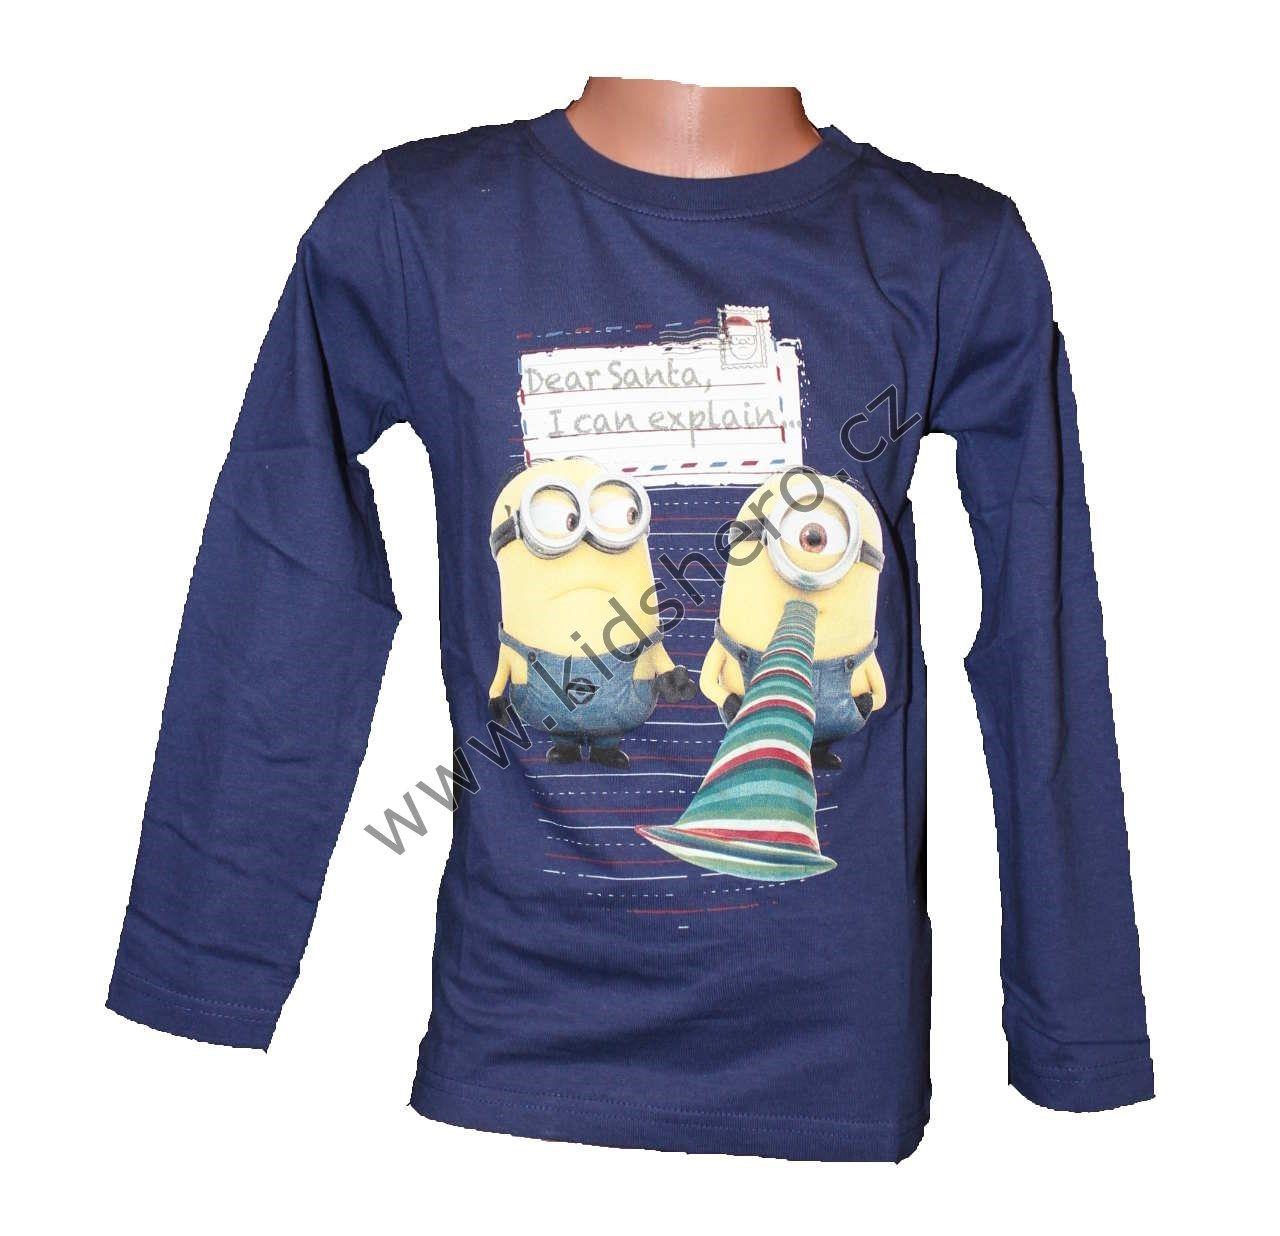 Dětské triko MIMONI tričko minion chlapecké licenční Despicable Me